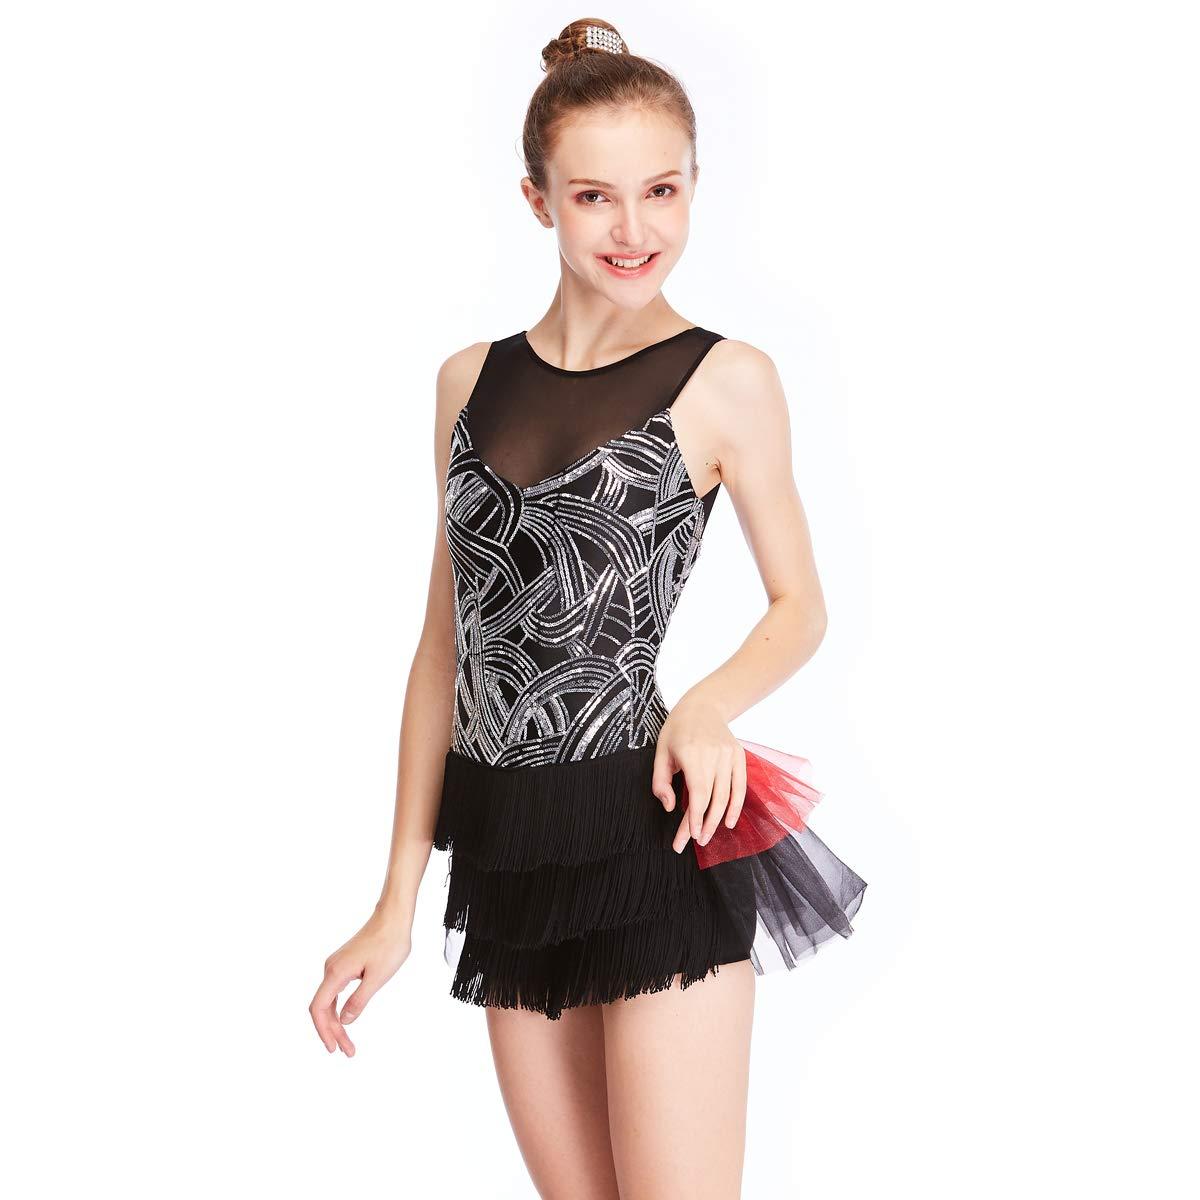 Noir MiDee Dance Costume Illusion en v Devant Retour subtiles Paillettes blanchÂtre géométriques MA